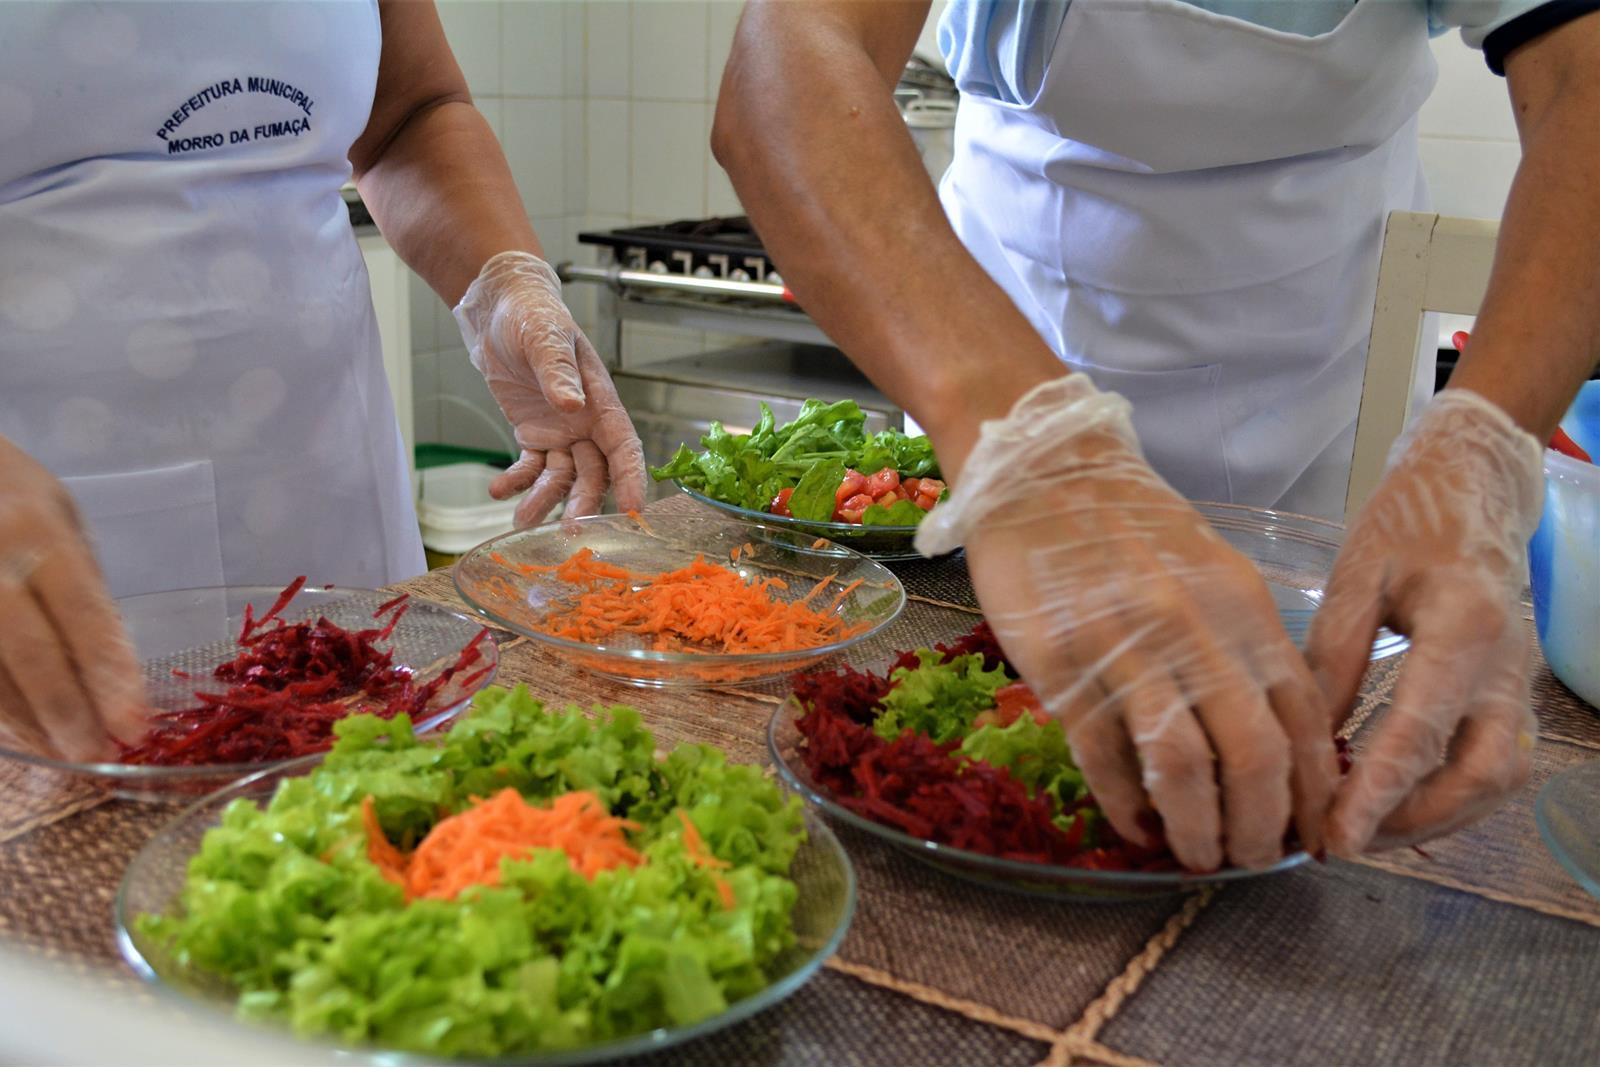 Alimentos orgânicos disponível aos alunos (4)